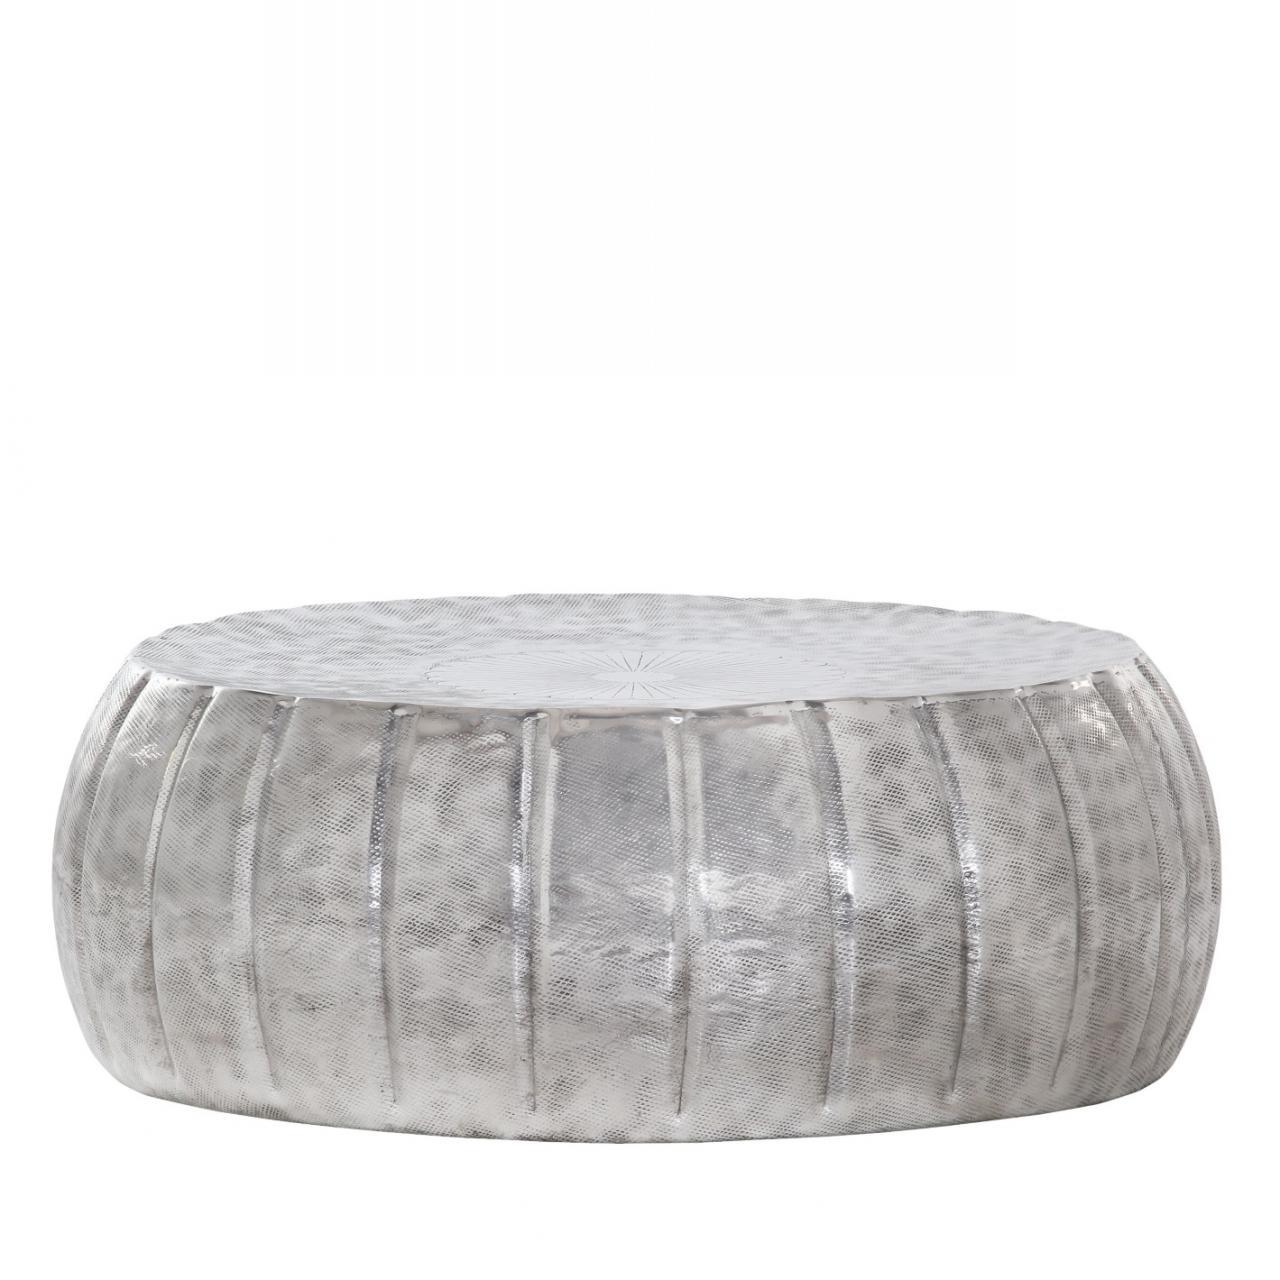 Couchtisch Mix&Match Stubentisch Beistelltisch Rund Alufarben Aluminium Rund